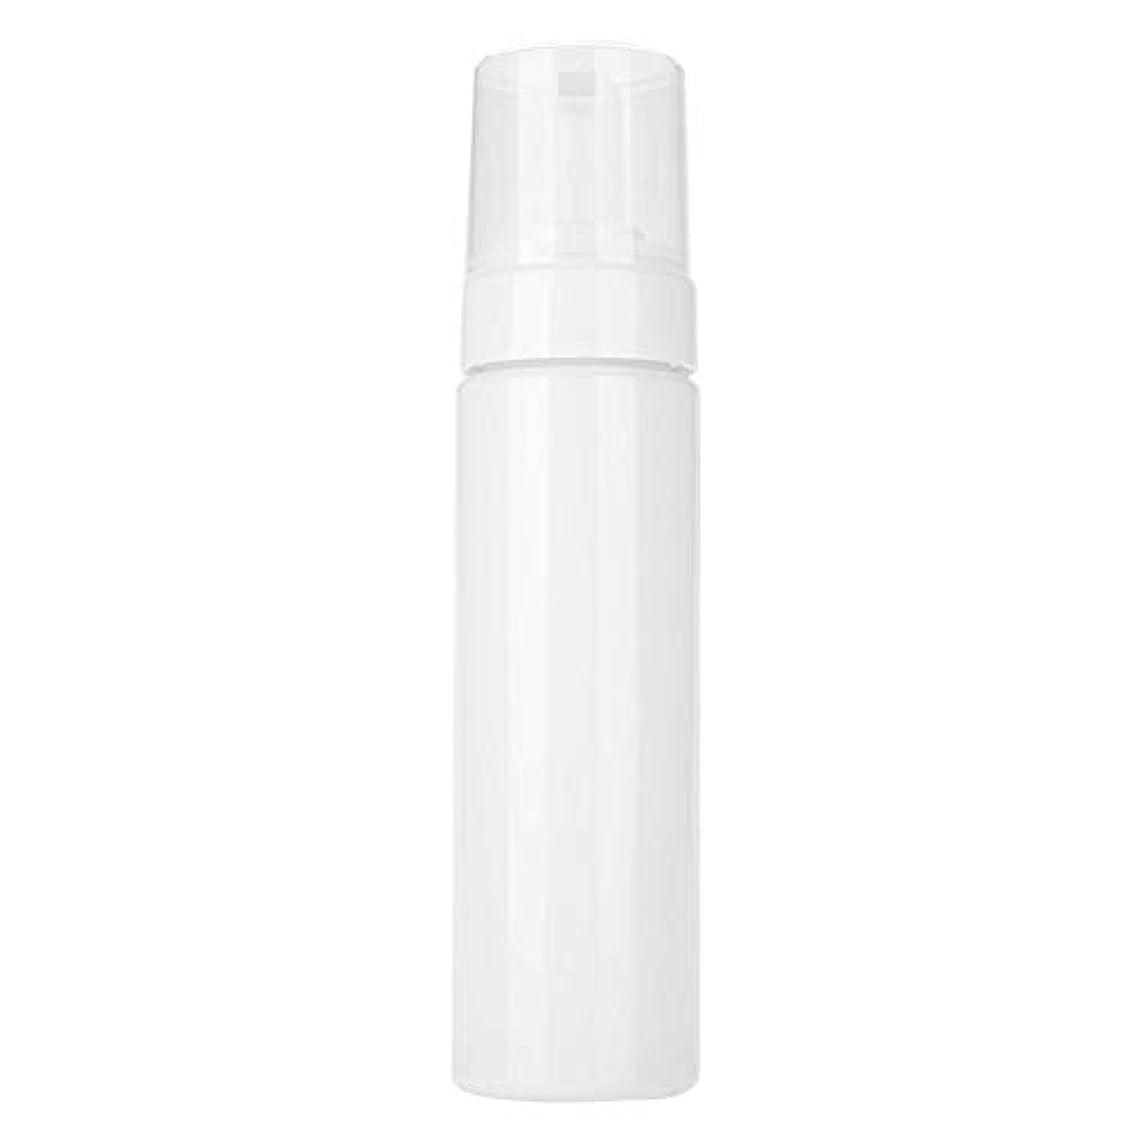 遠近法ライナー世界の窓発泡ボトル 石鹸ディスペンサー 発泡ポンプ